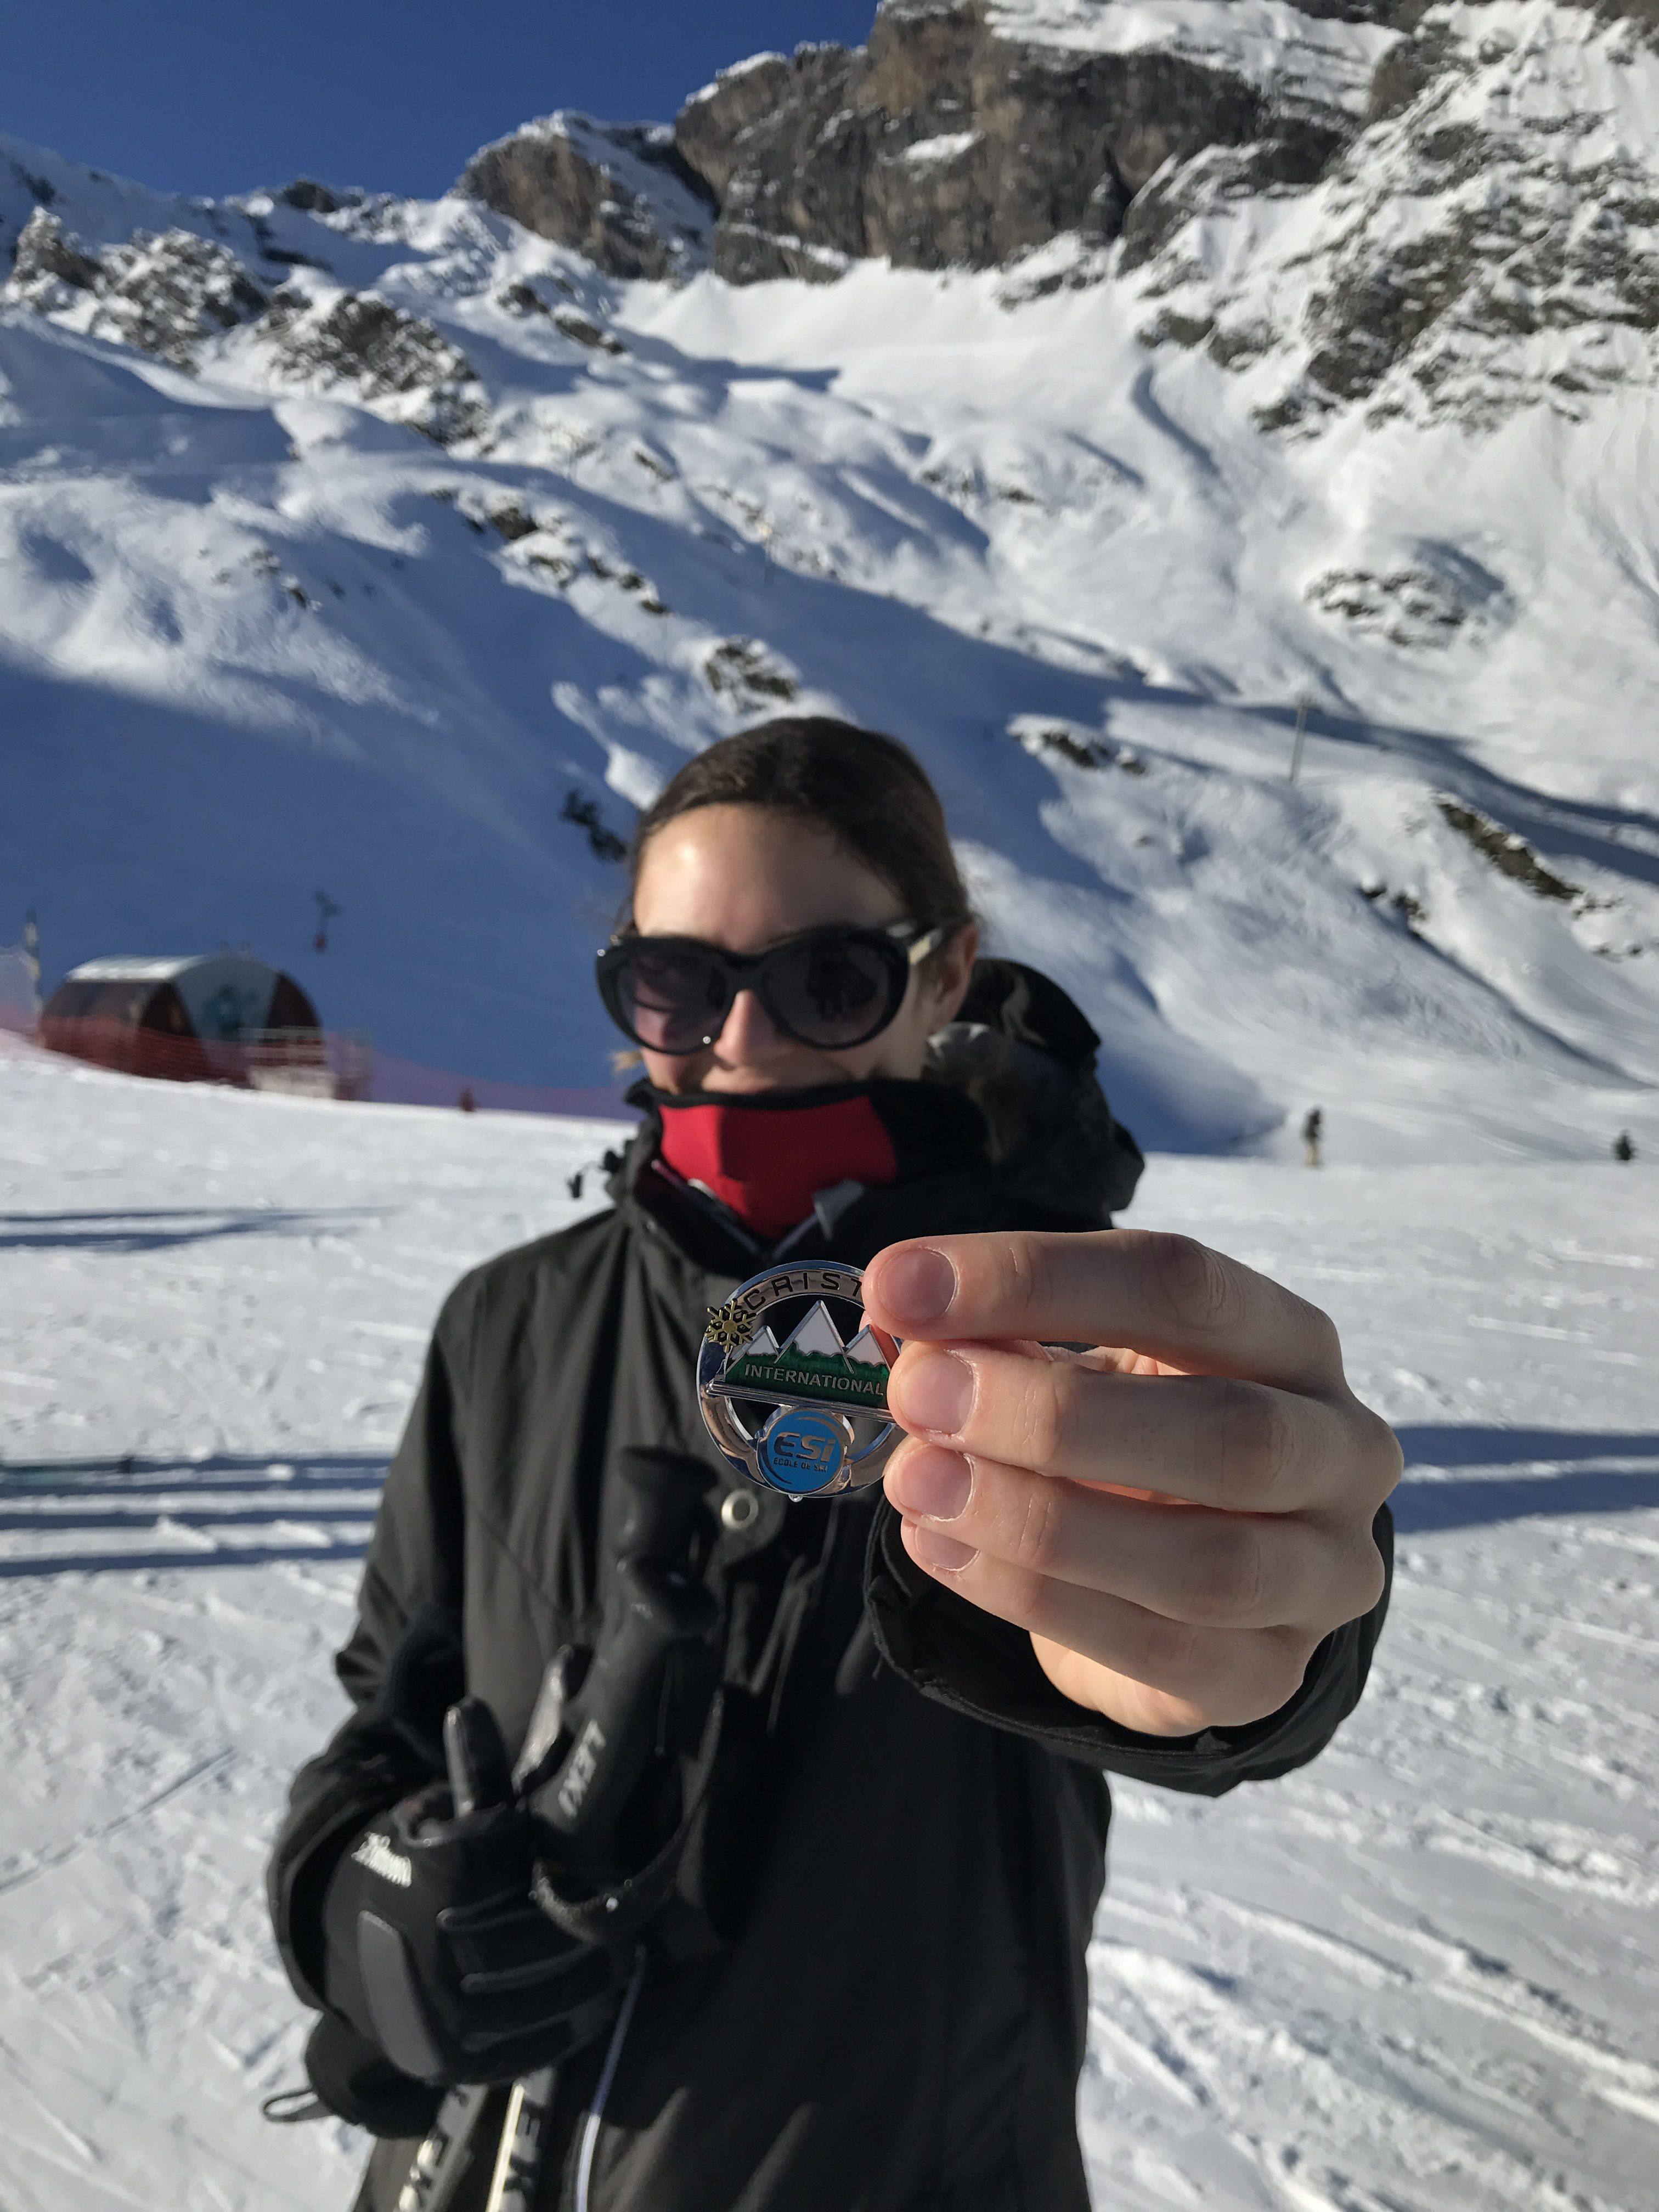 comment bien s equiper au ski